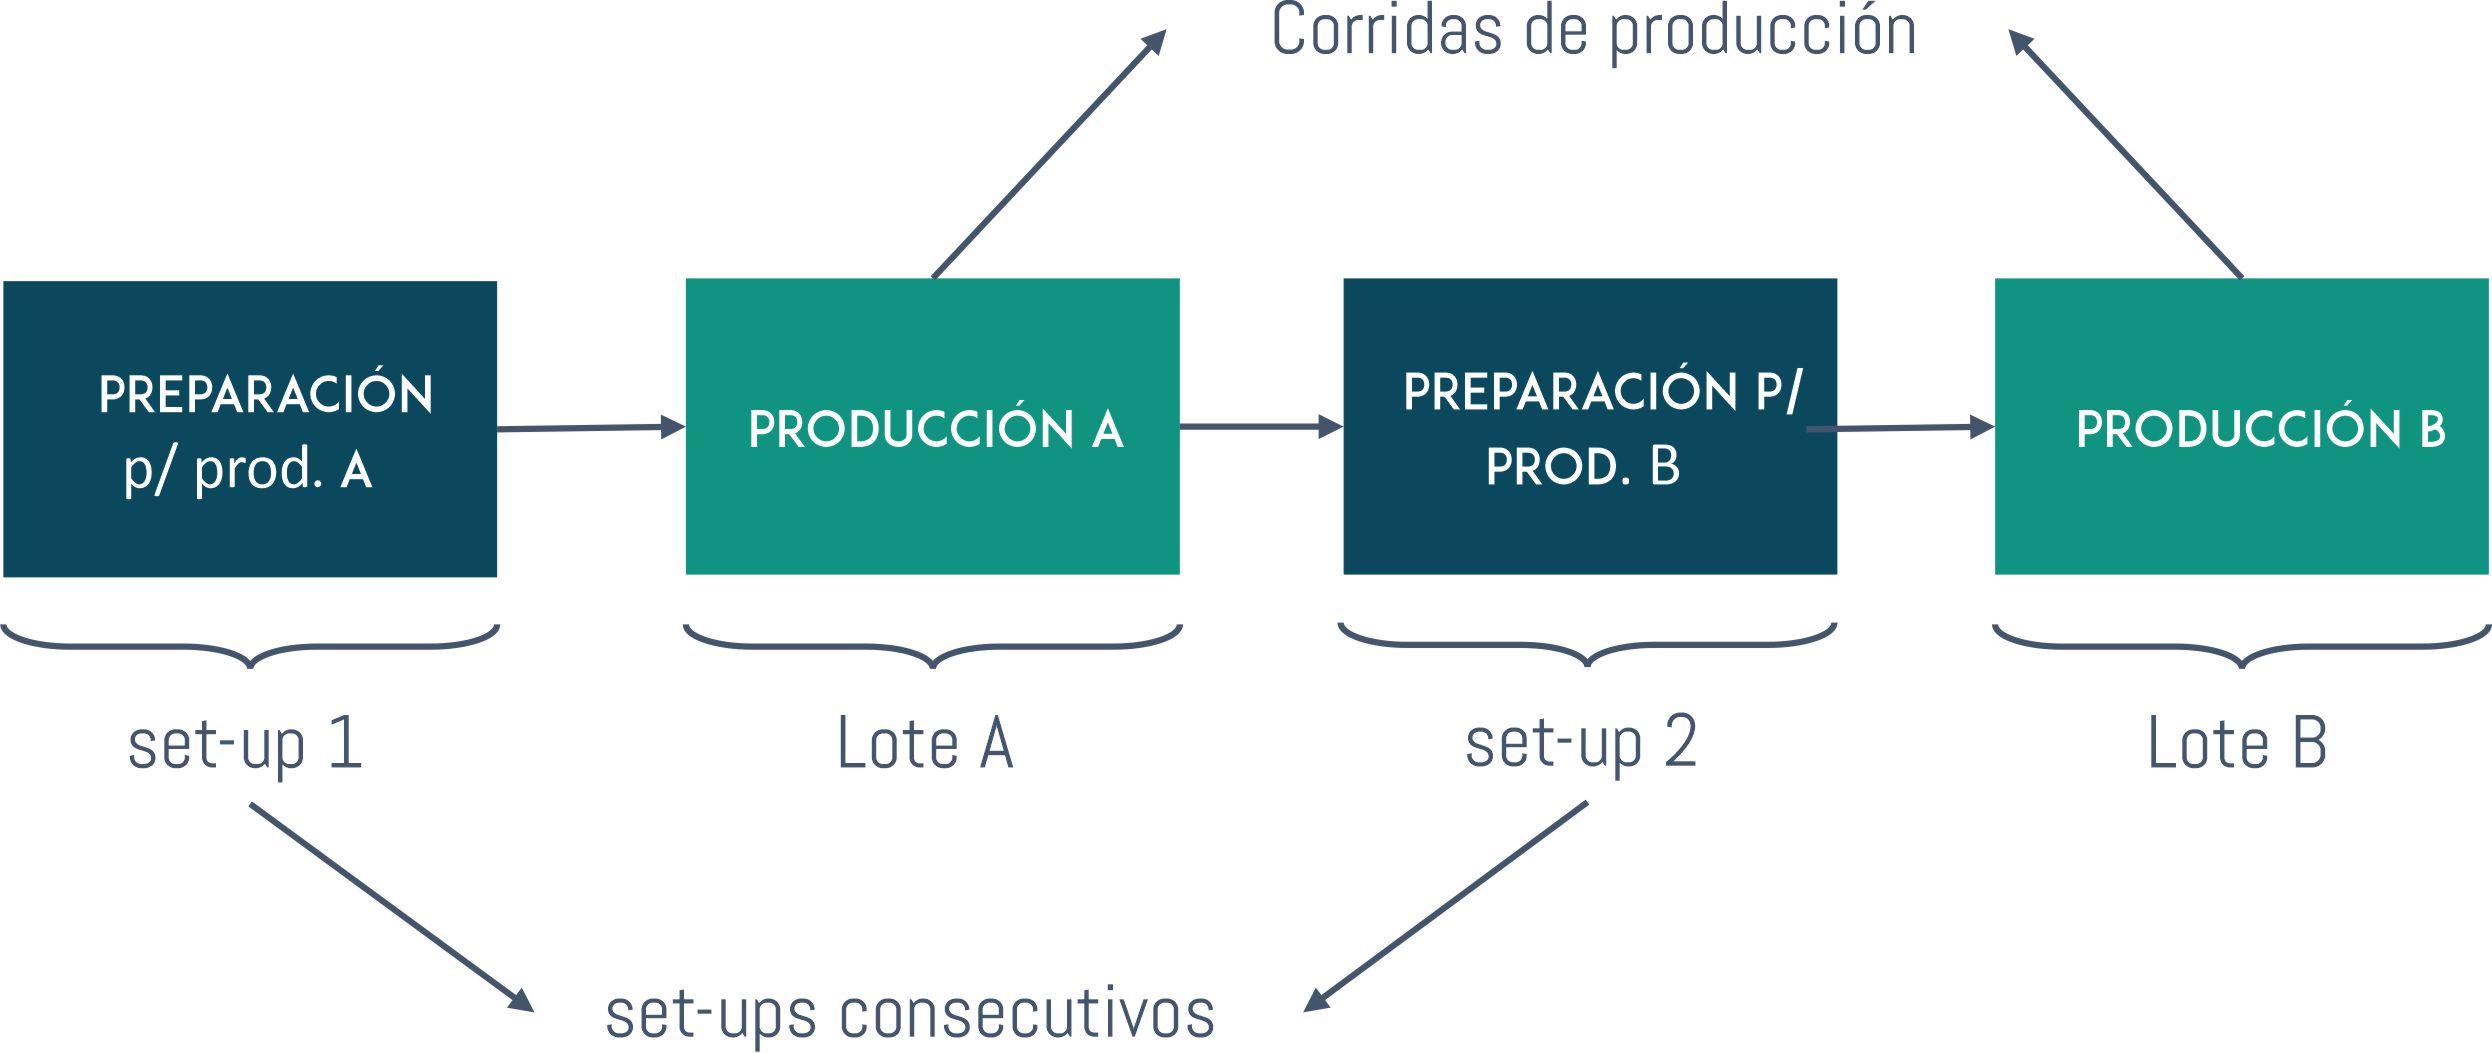 Capacidad productiva: Esquema fabricación por lote.